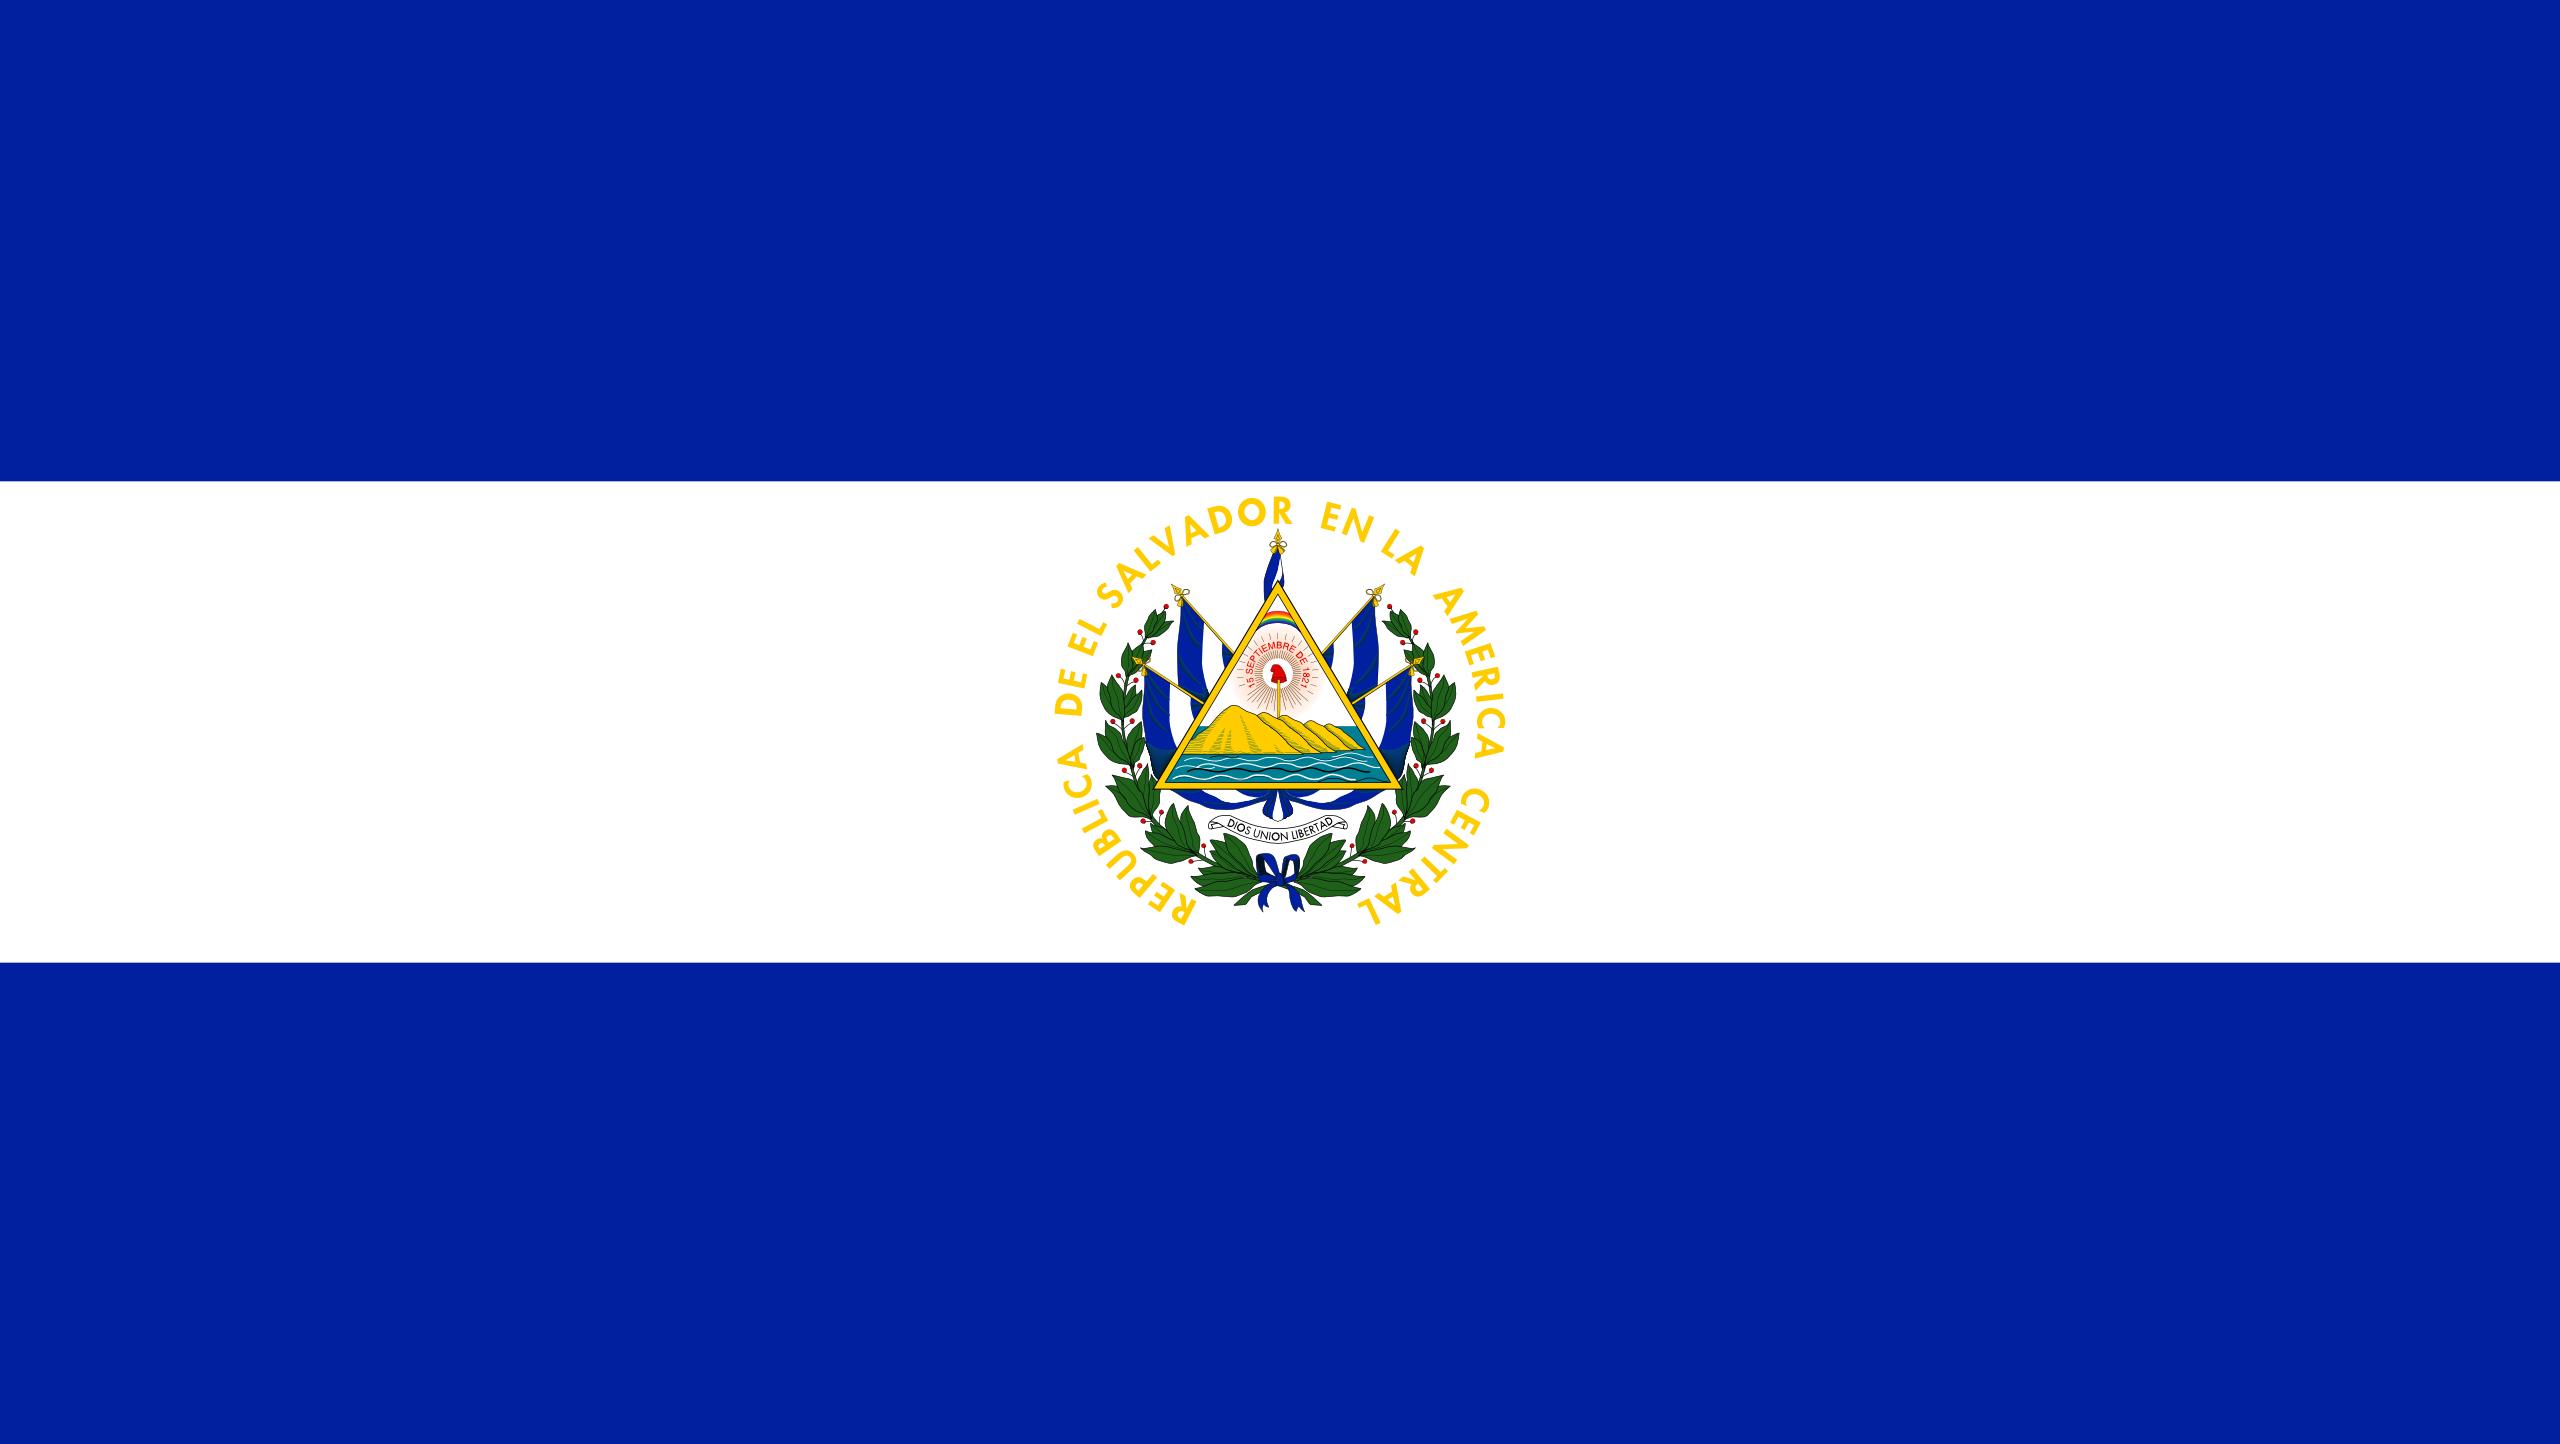 Bandera de El Salvador | El Salvador: referencias | Pinterest ...